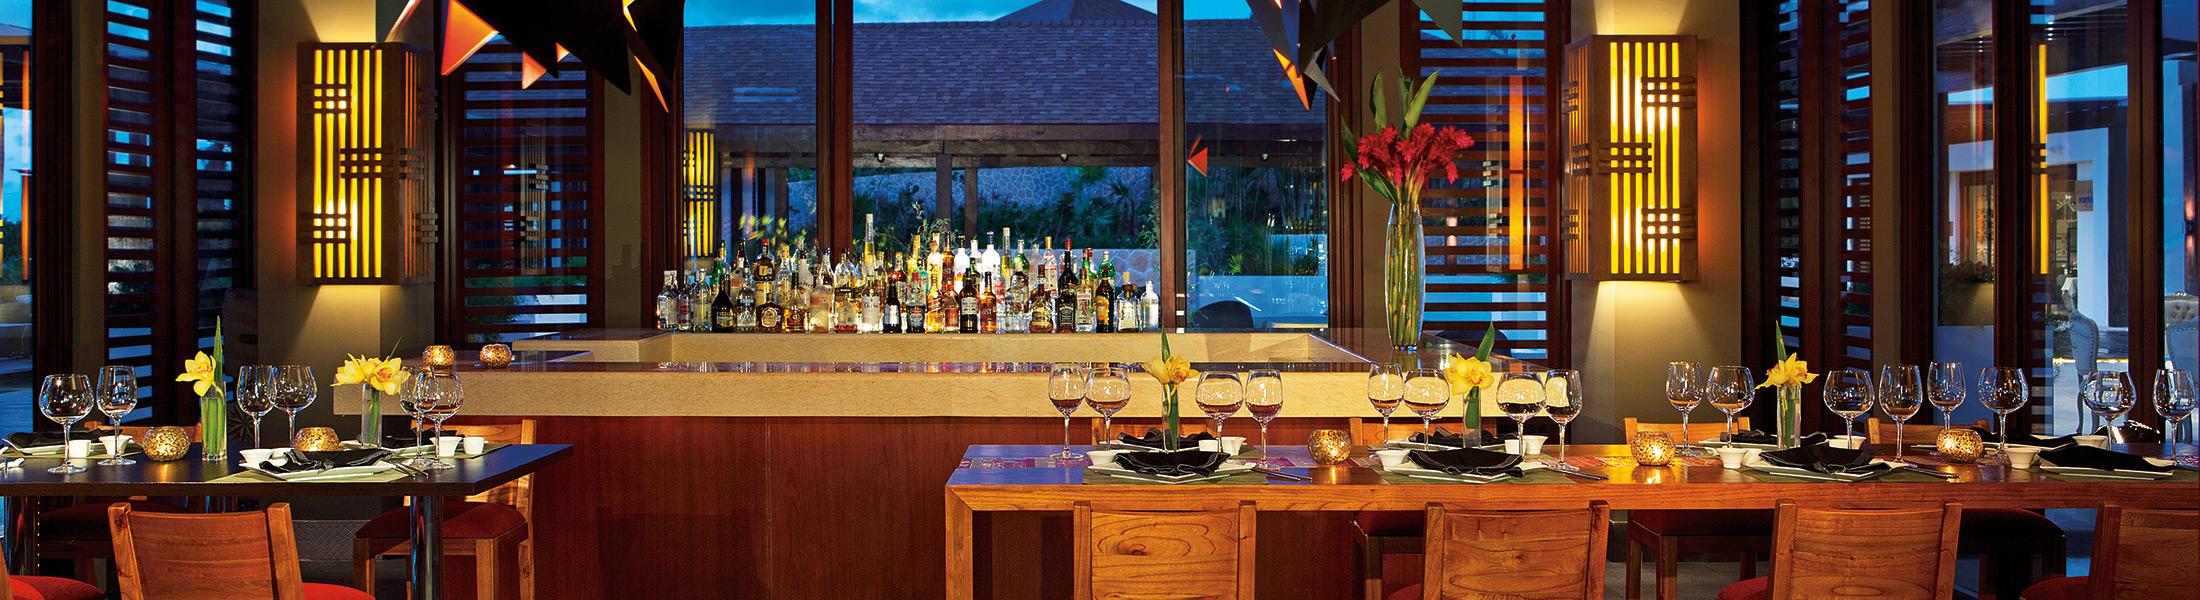 Sushi bar at night at Secrets Playa Mujeres